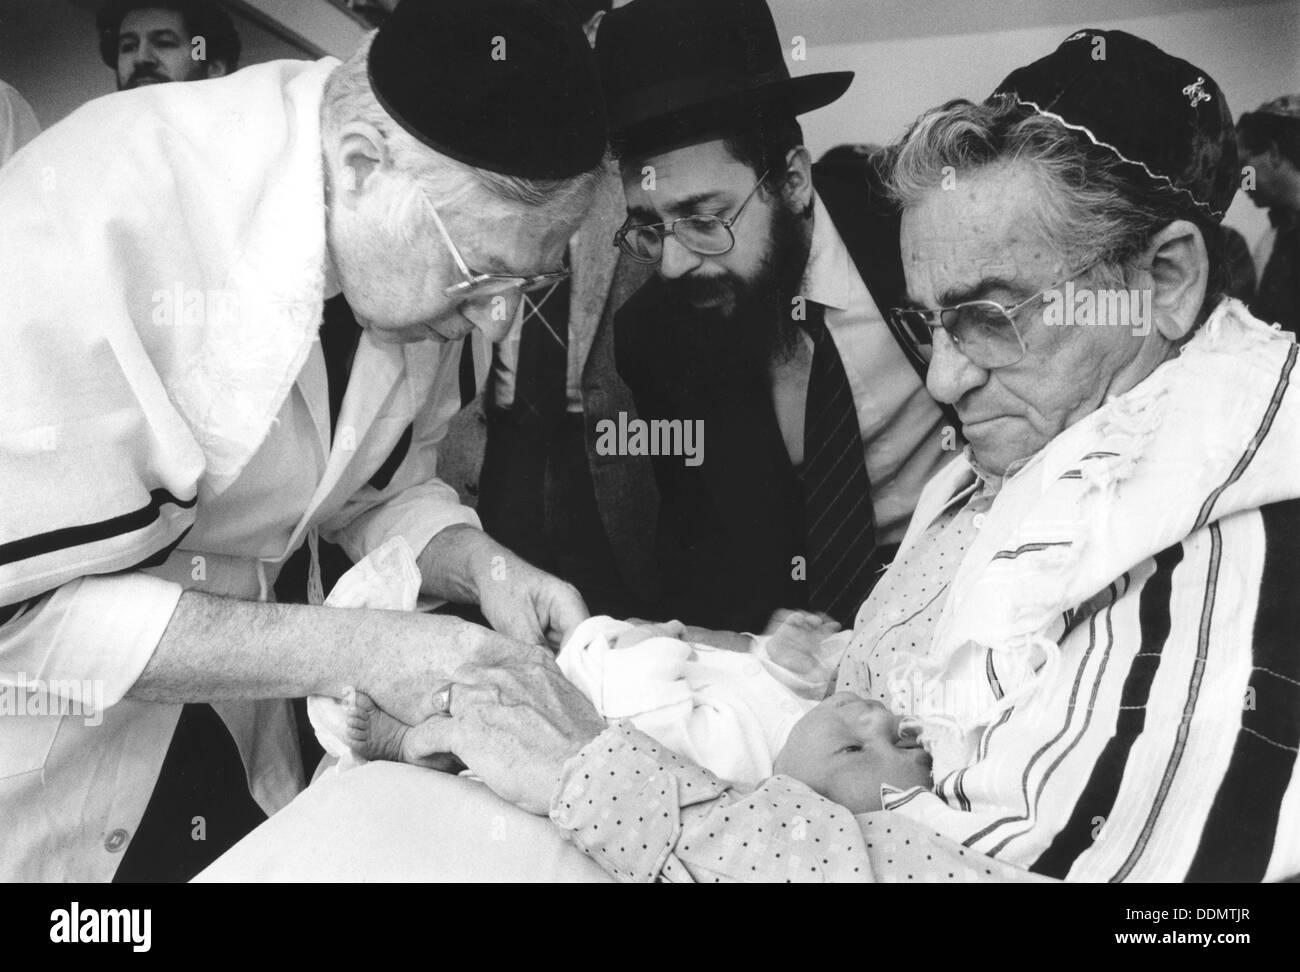 Jewish circumcision ritual, 21 July 2000. - Stock Image